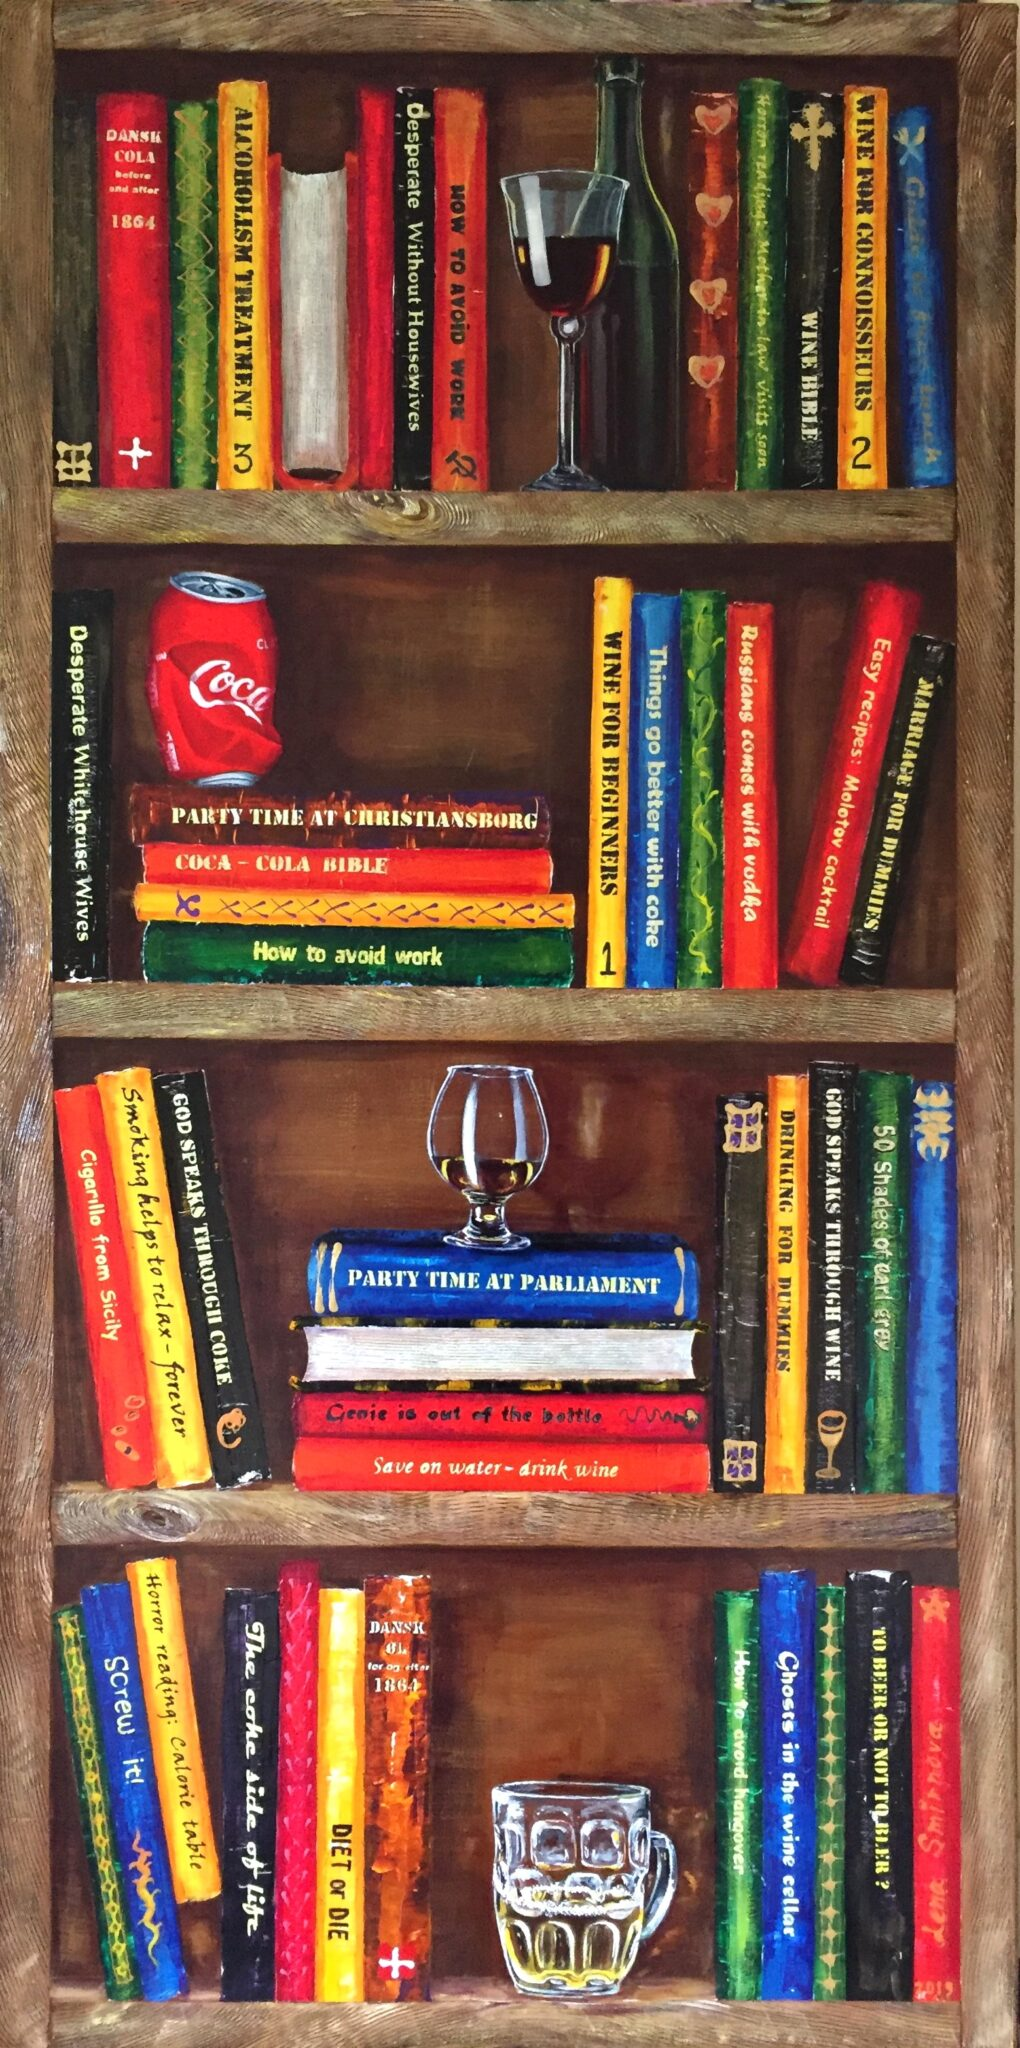 Jeg elsker bøger. Dejligt at hygge sig med en god bog og et godt glas vin eller noget andet.